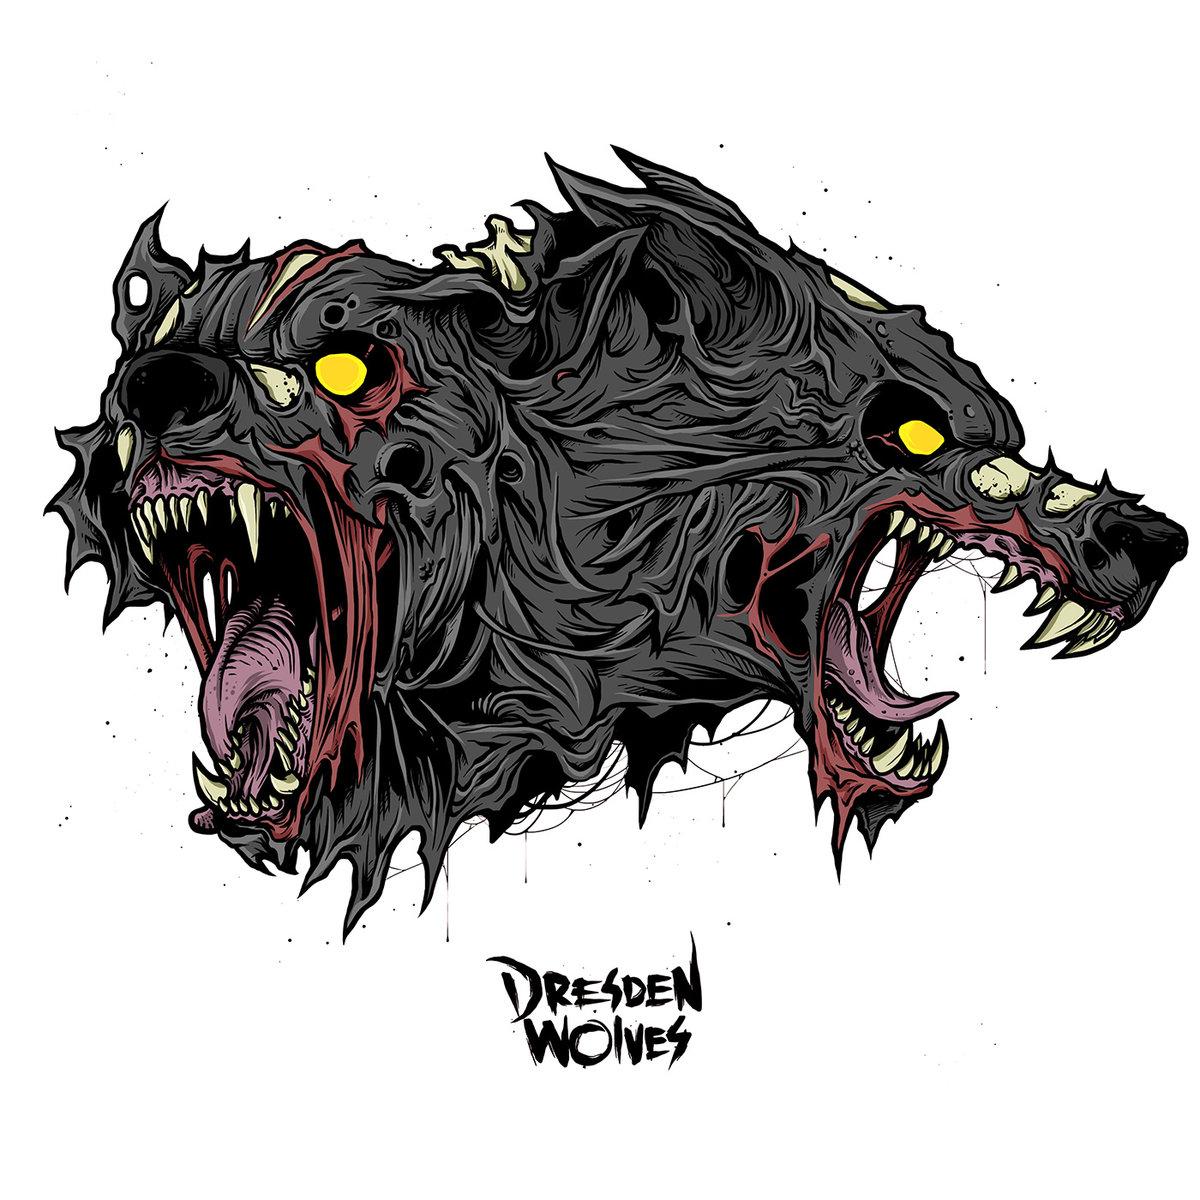 dresden wolves Hiedra Sencillo